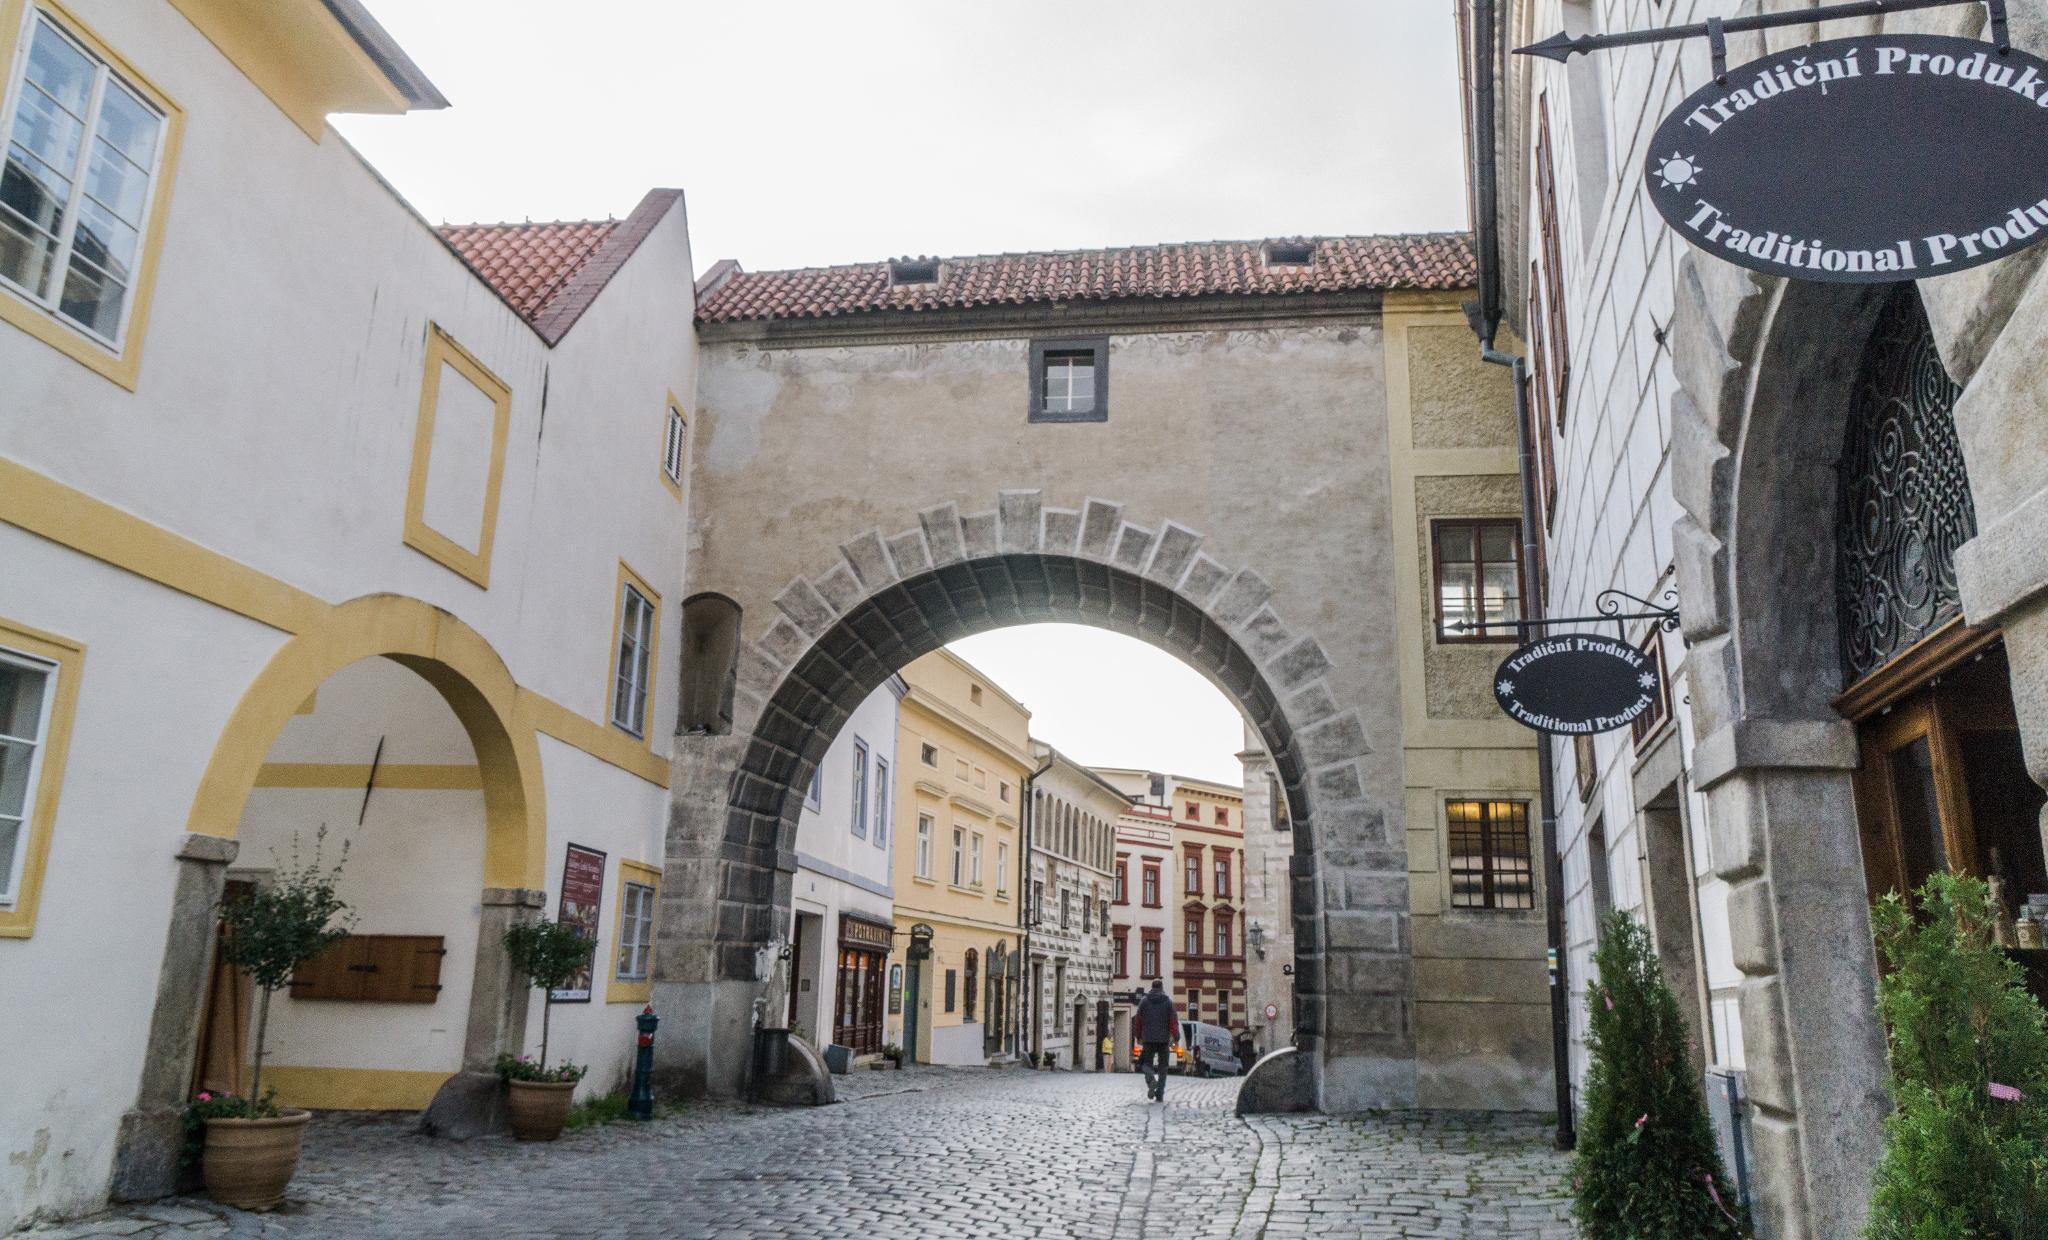 【捷克】Český Krumlov 庫倫諾夫 — 穿梭最美的中世紀童話小鎮 11